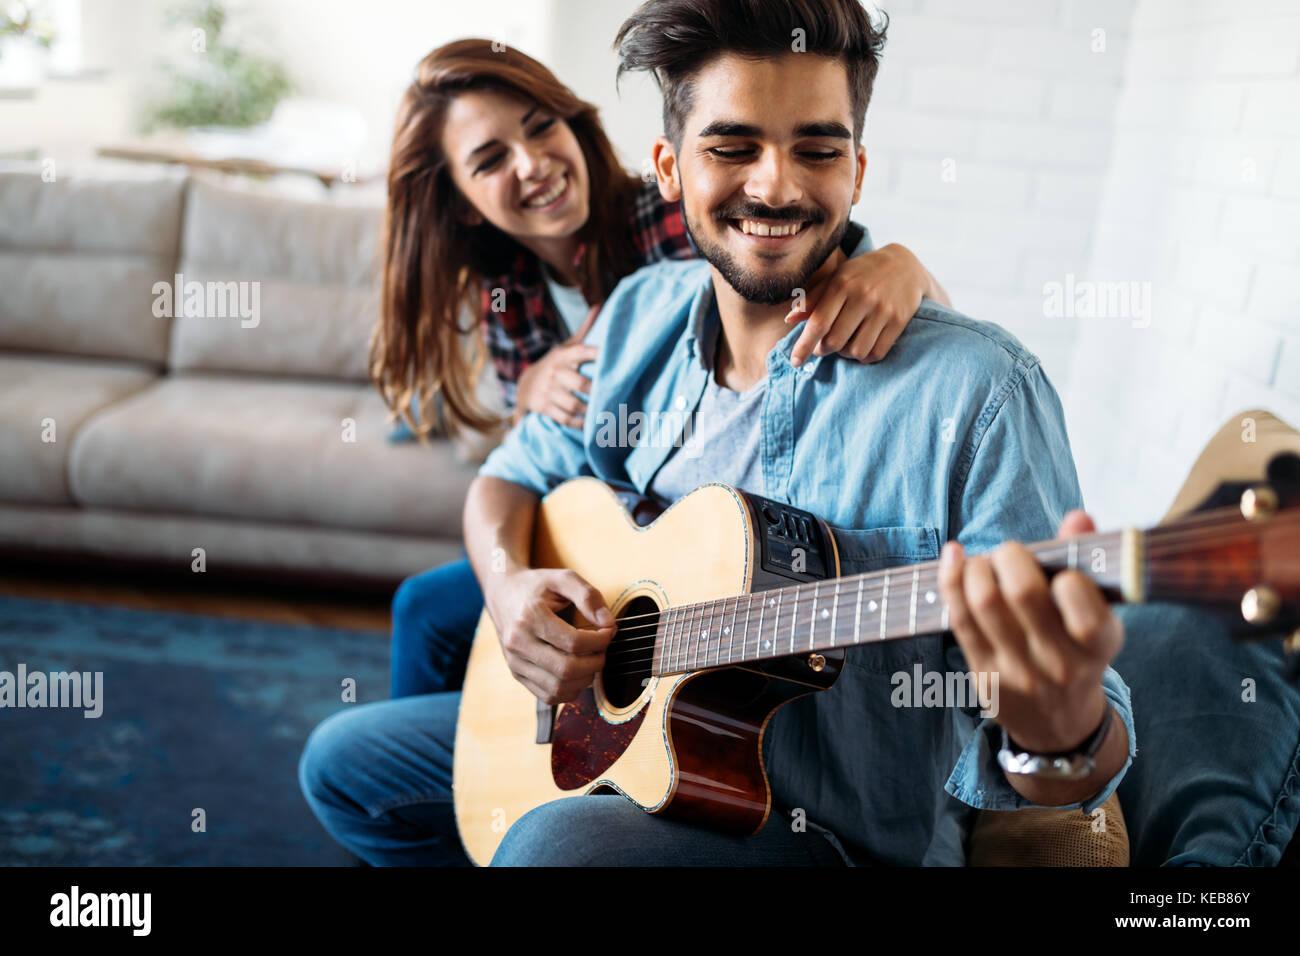 Jungen gutaussehenden Mann Gitarre spielen für seine Freundin Stockbild